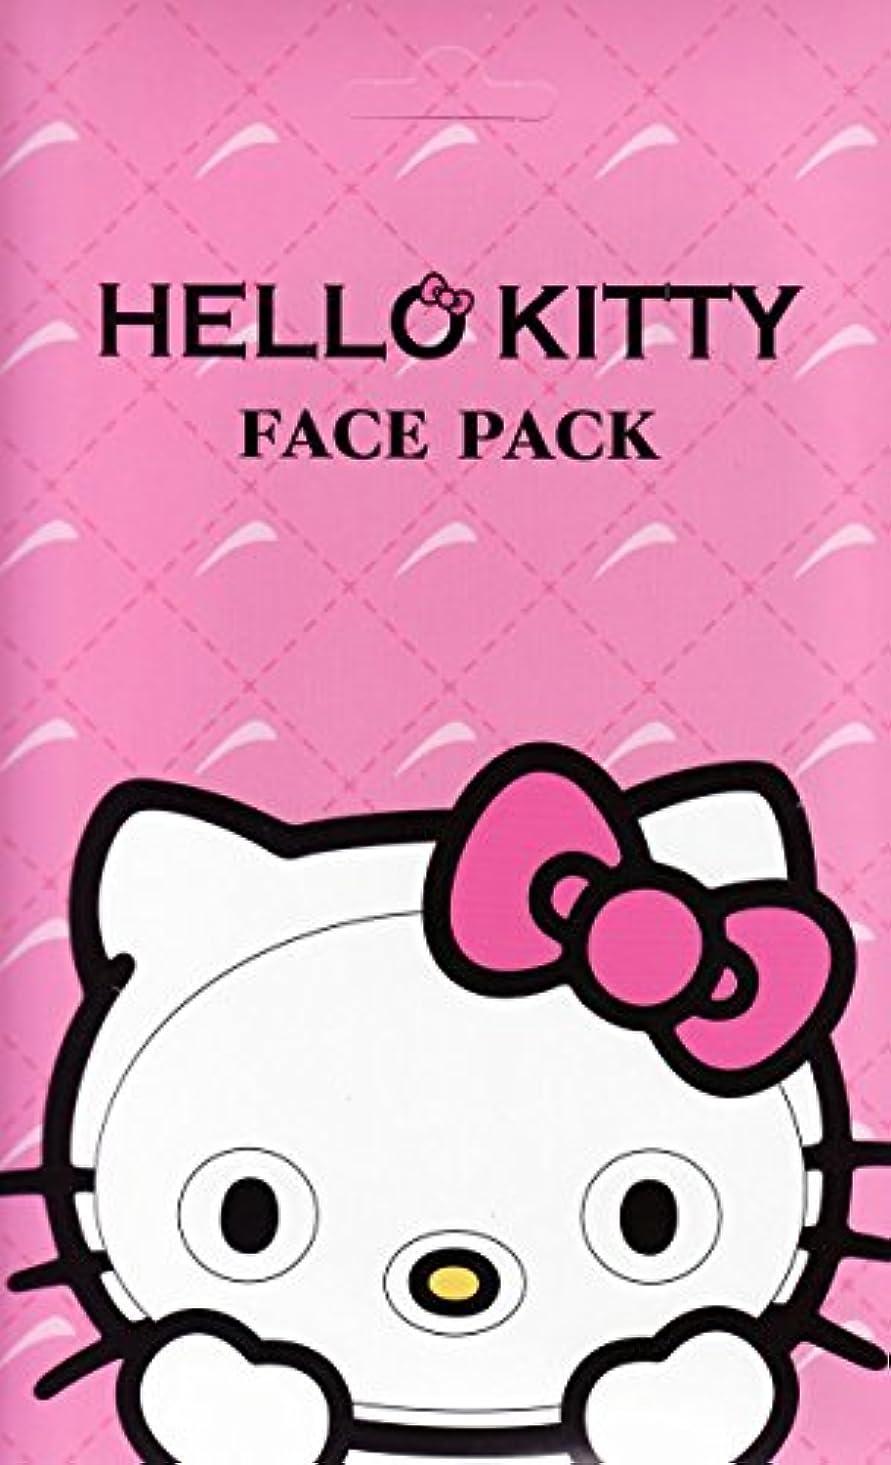 ベックスガイドライン哲学博士ハローキティ なりきりフェイスパック サクラの香り キティになれるフェイスパック